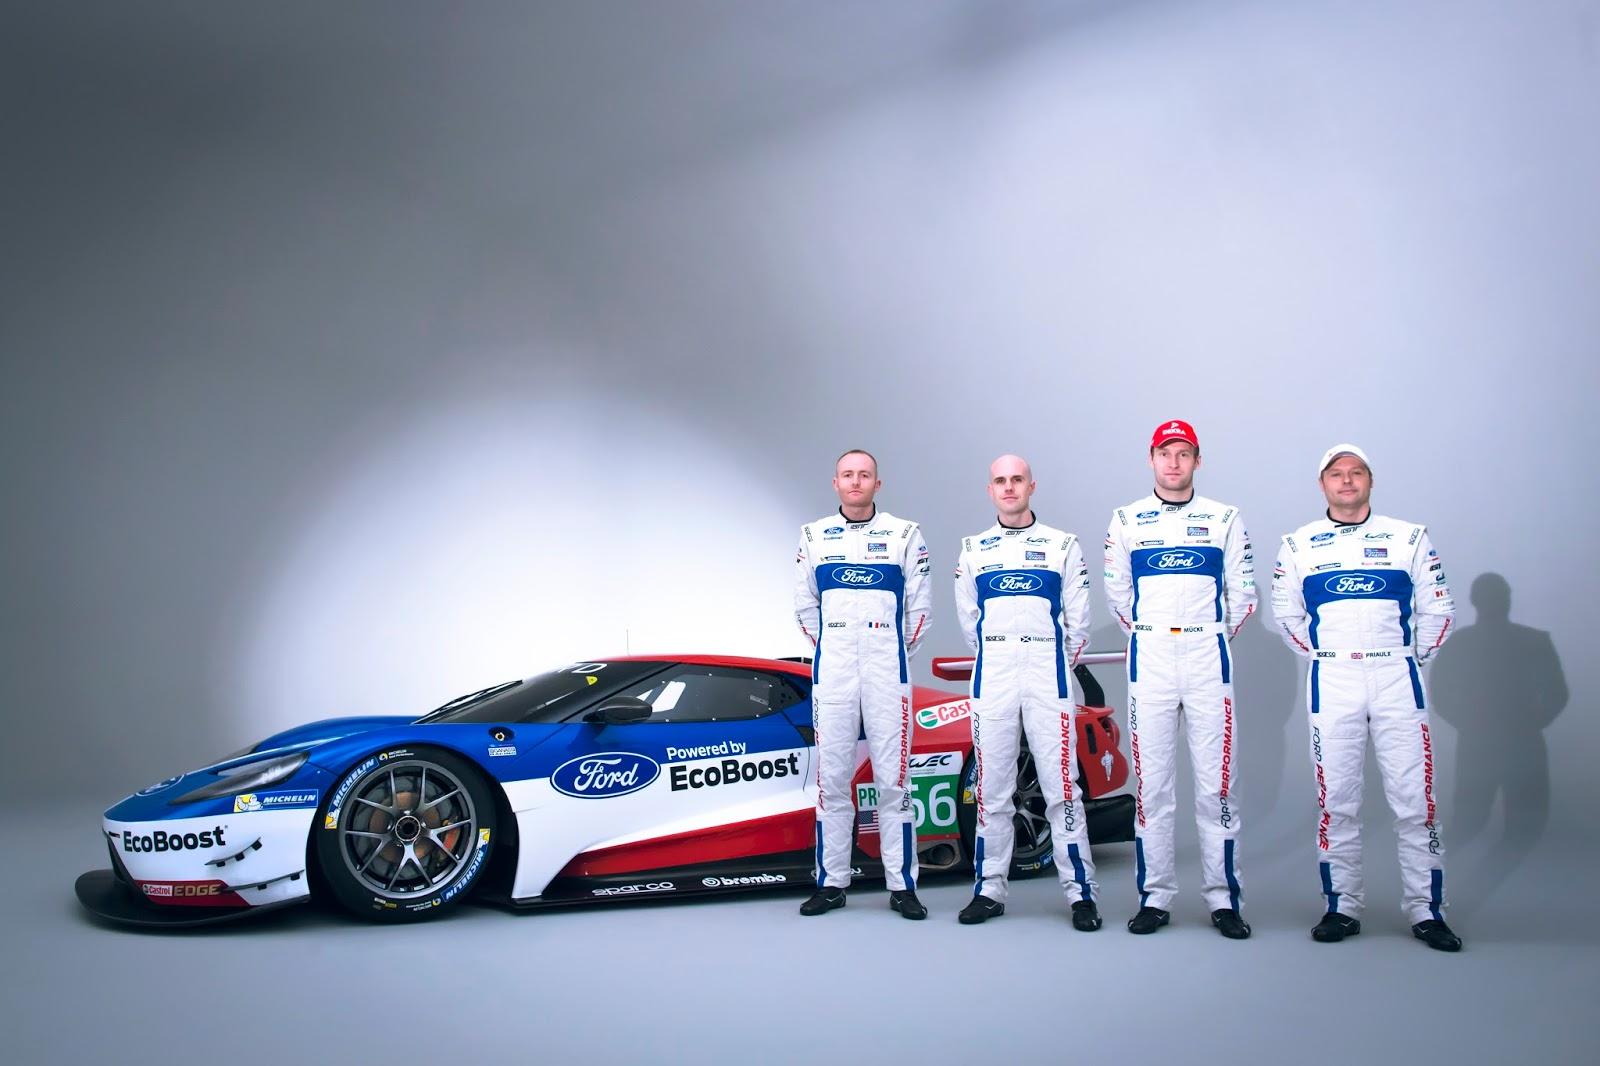 Η Ford με το GT Race Car επιστρέφει στους αγώνες αντοχής και μας παρουσιάζει τους οδηγούς της Ford, Ford GT, World Endurance Championship